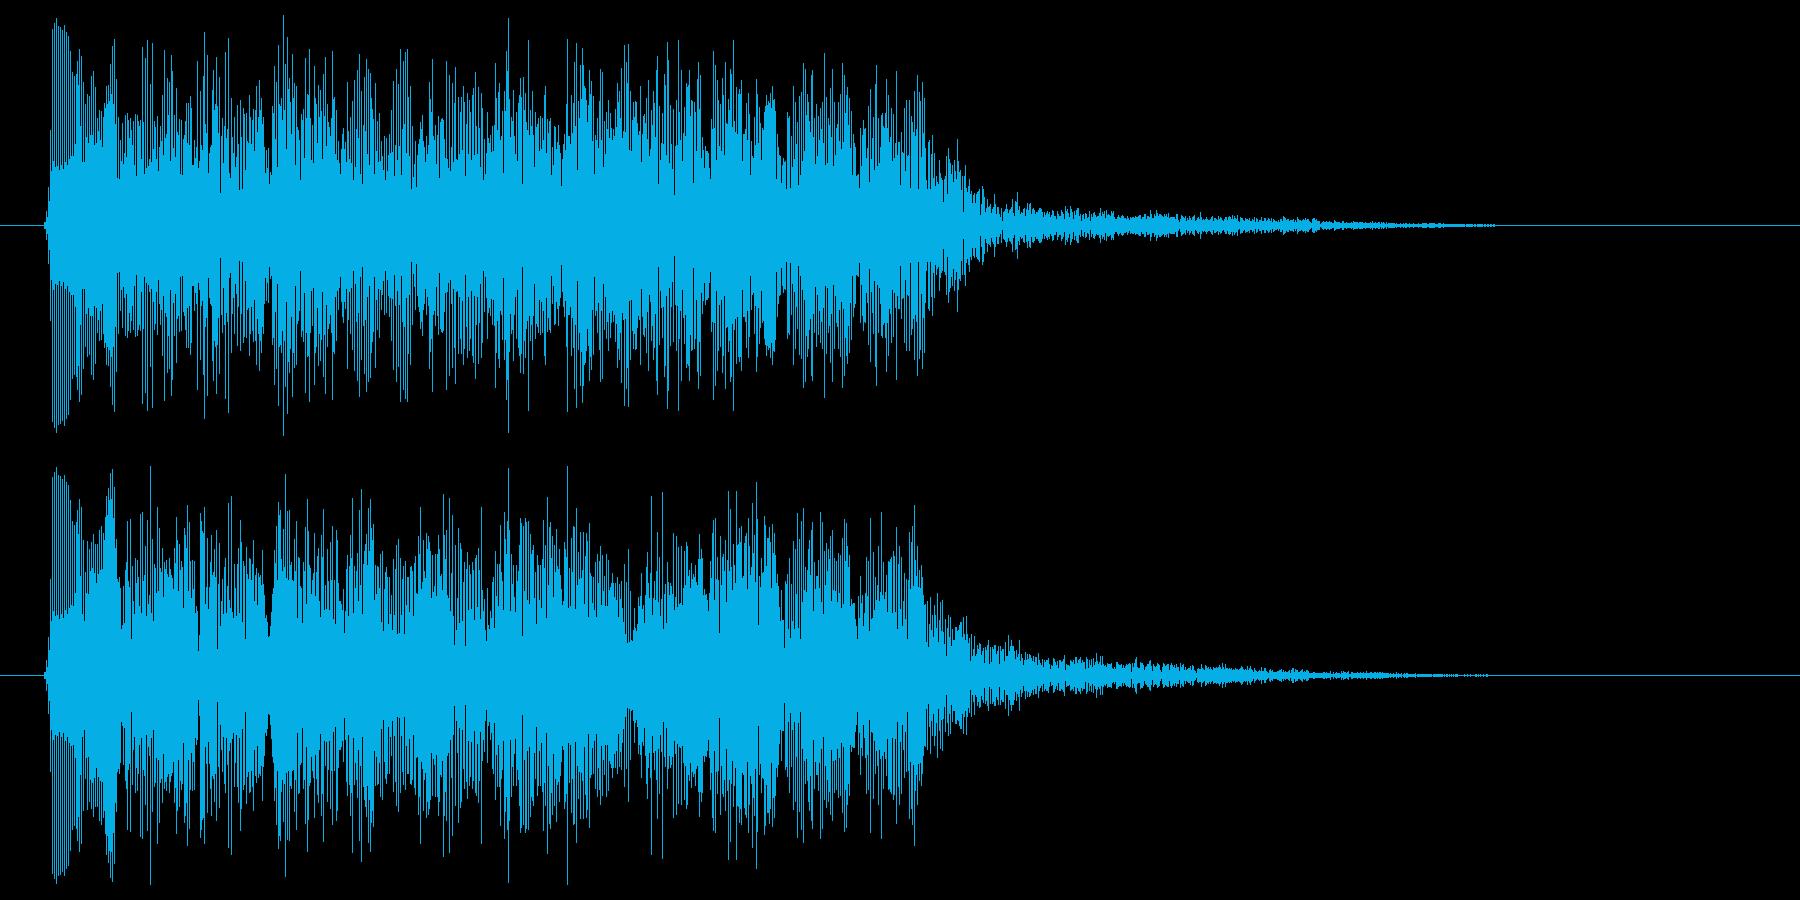 パワーアップ 効果の発動音 ぽわ ぷわの再生済みの波形